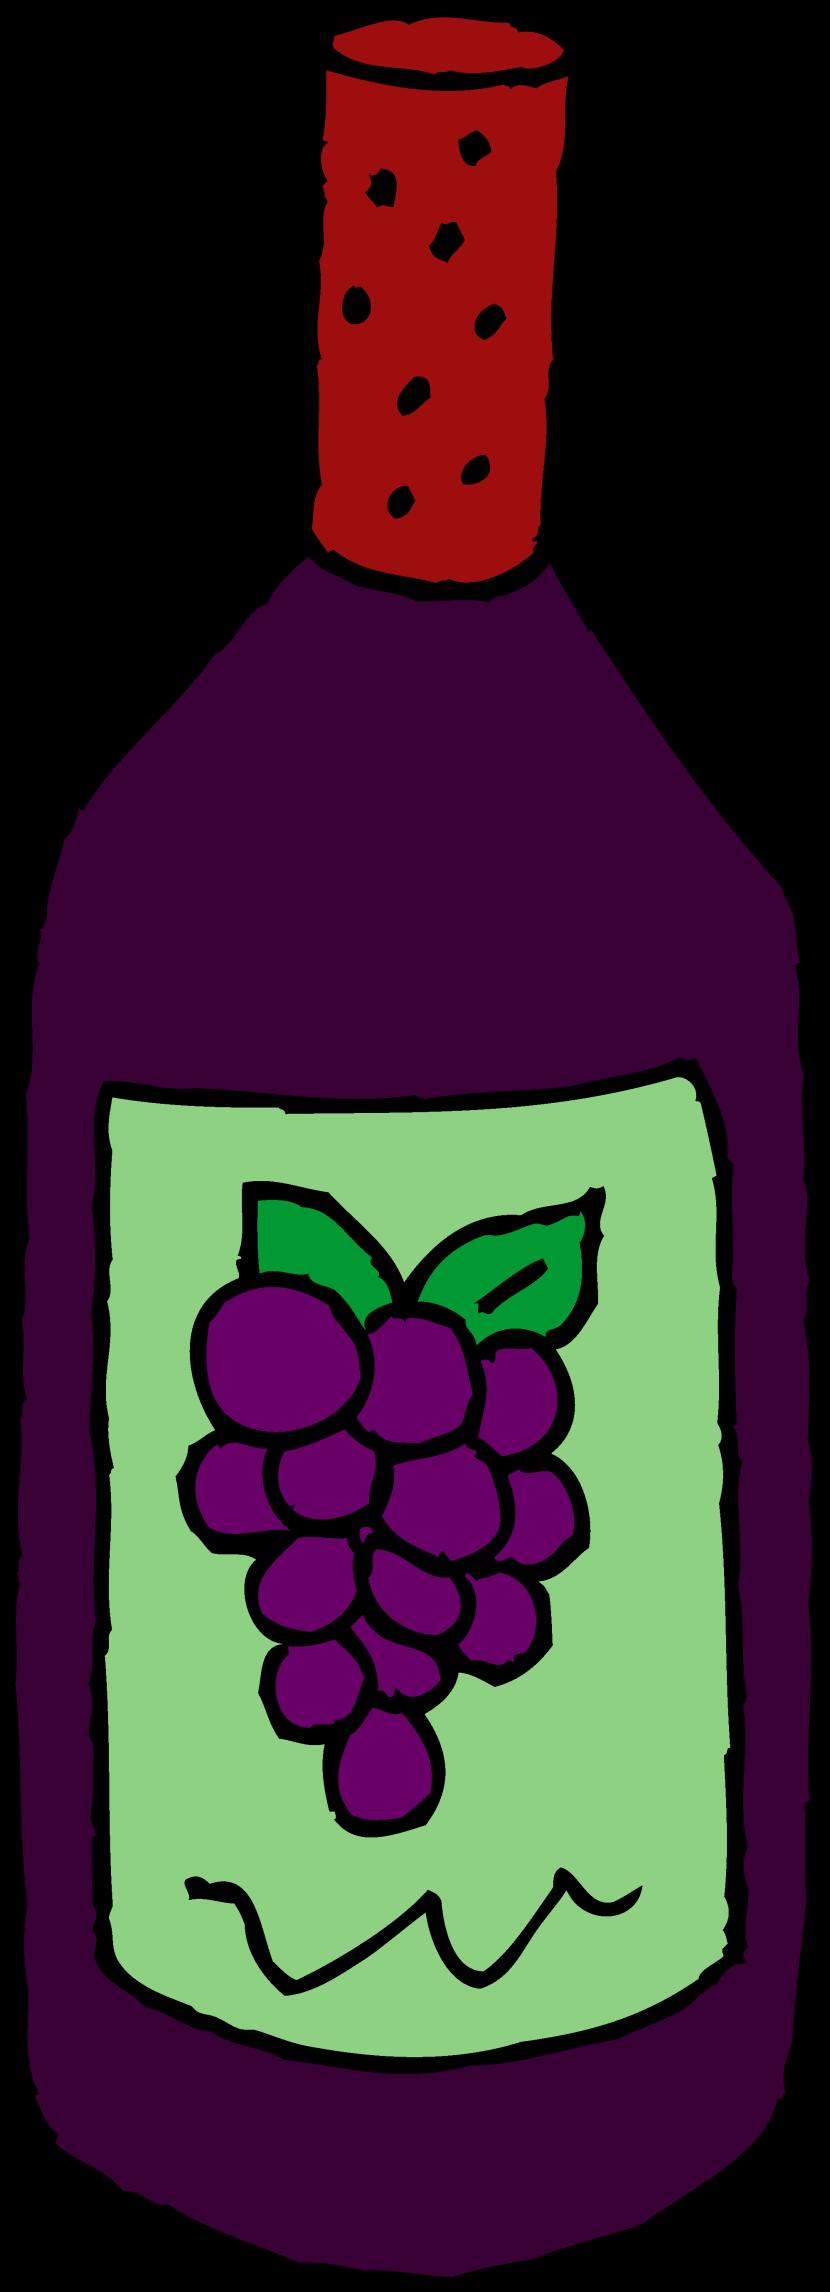 Wine clip art free. Grape clipart vintage